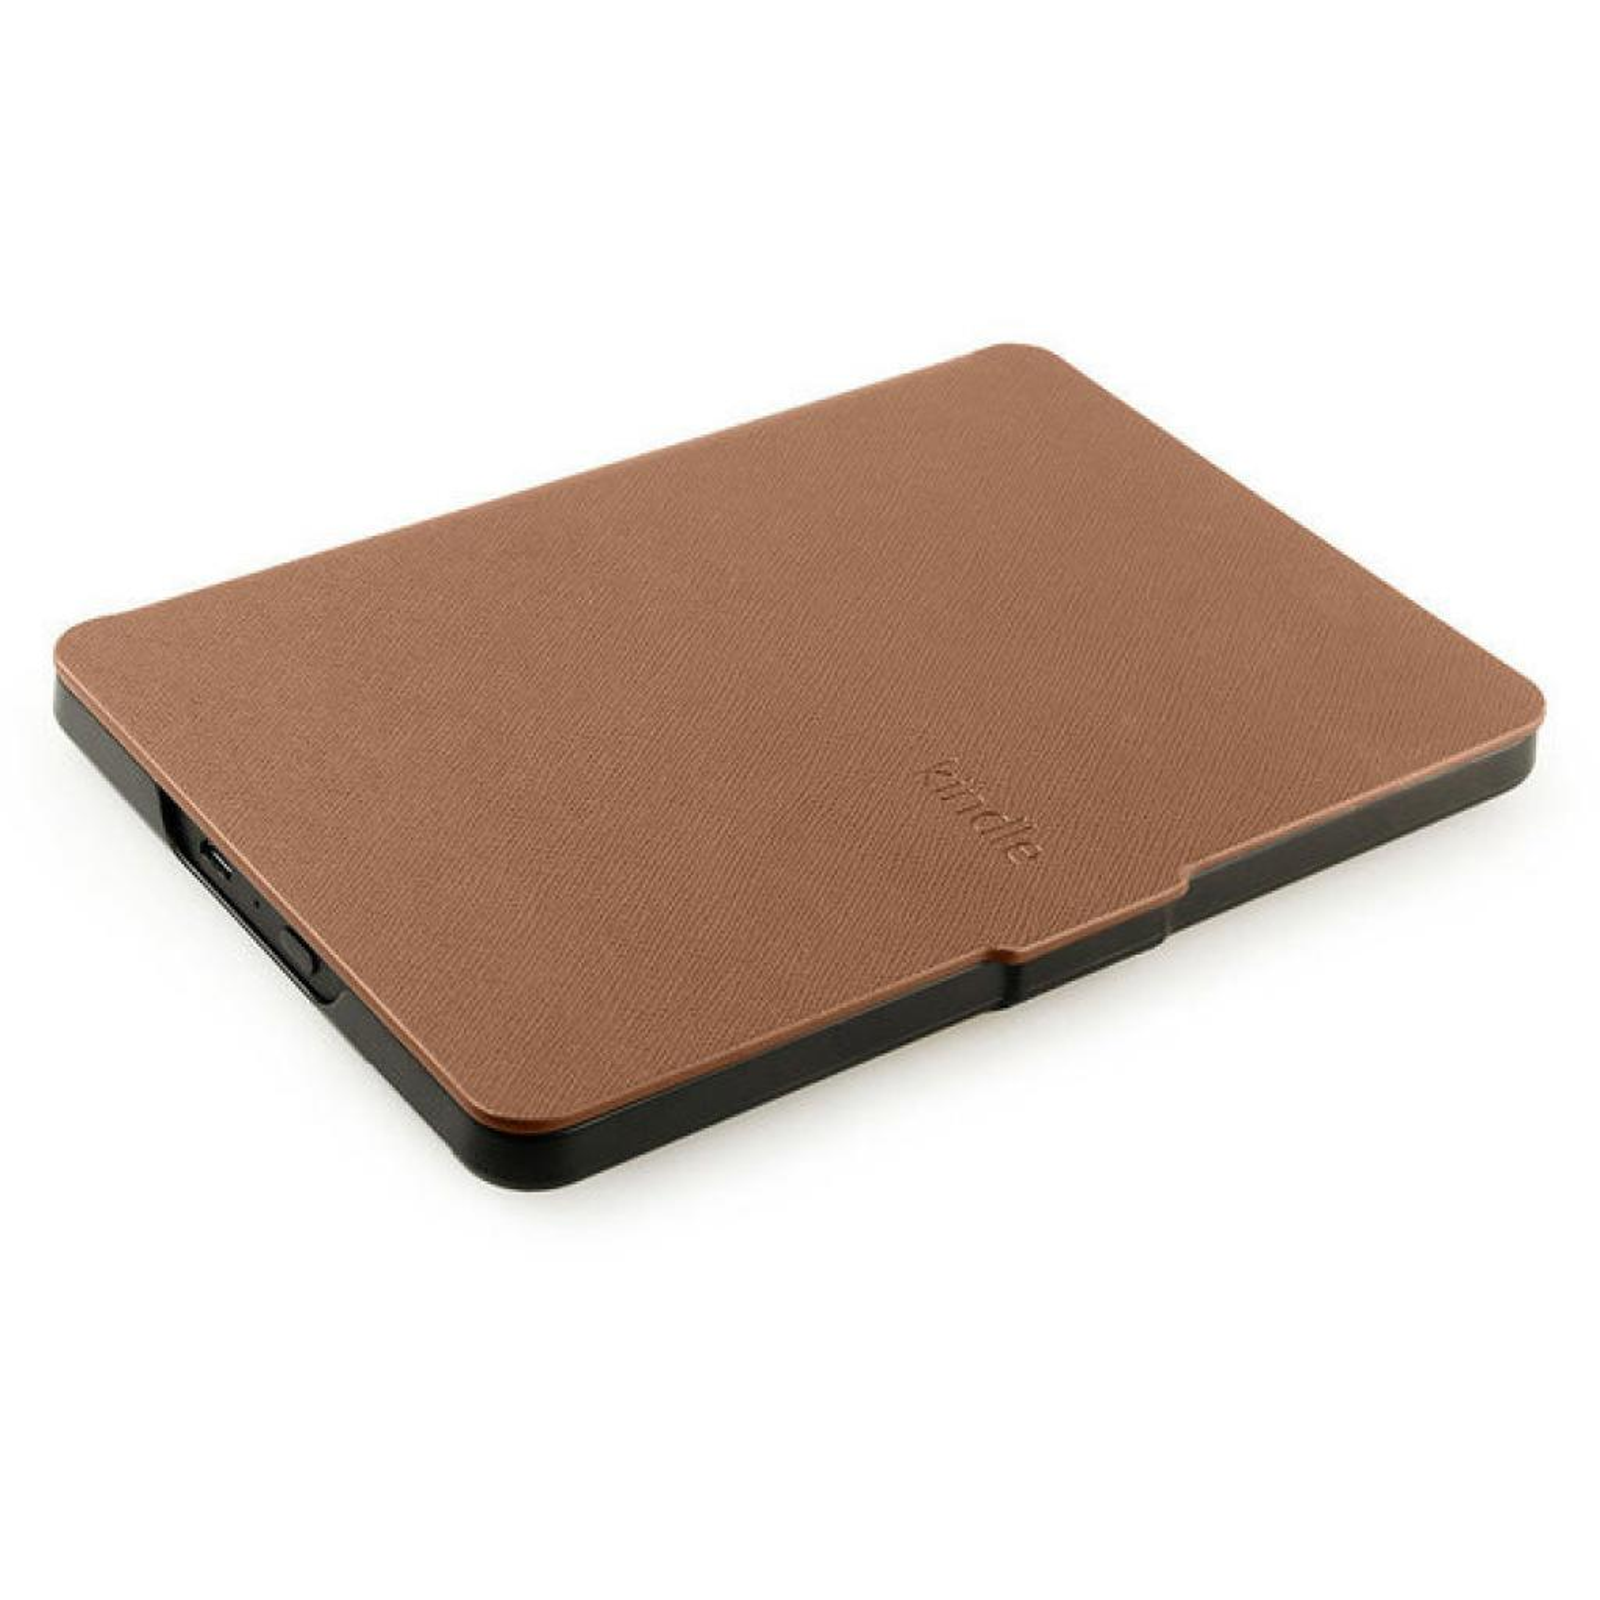 Чехол для электронной книги AirOn для Amazon Kindle 6 brown (4822356754494) изображение 4